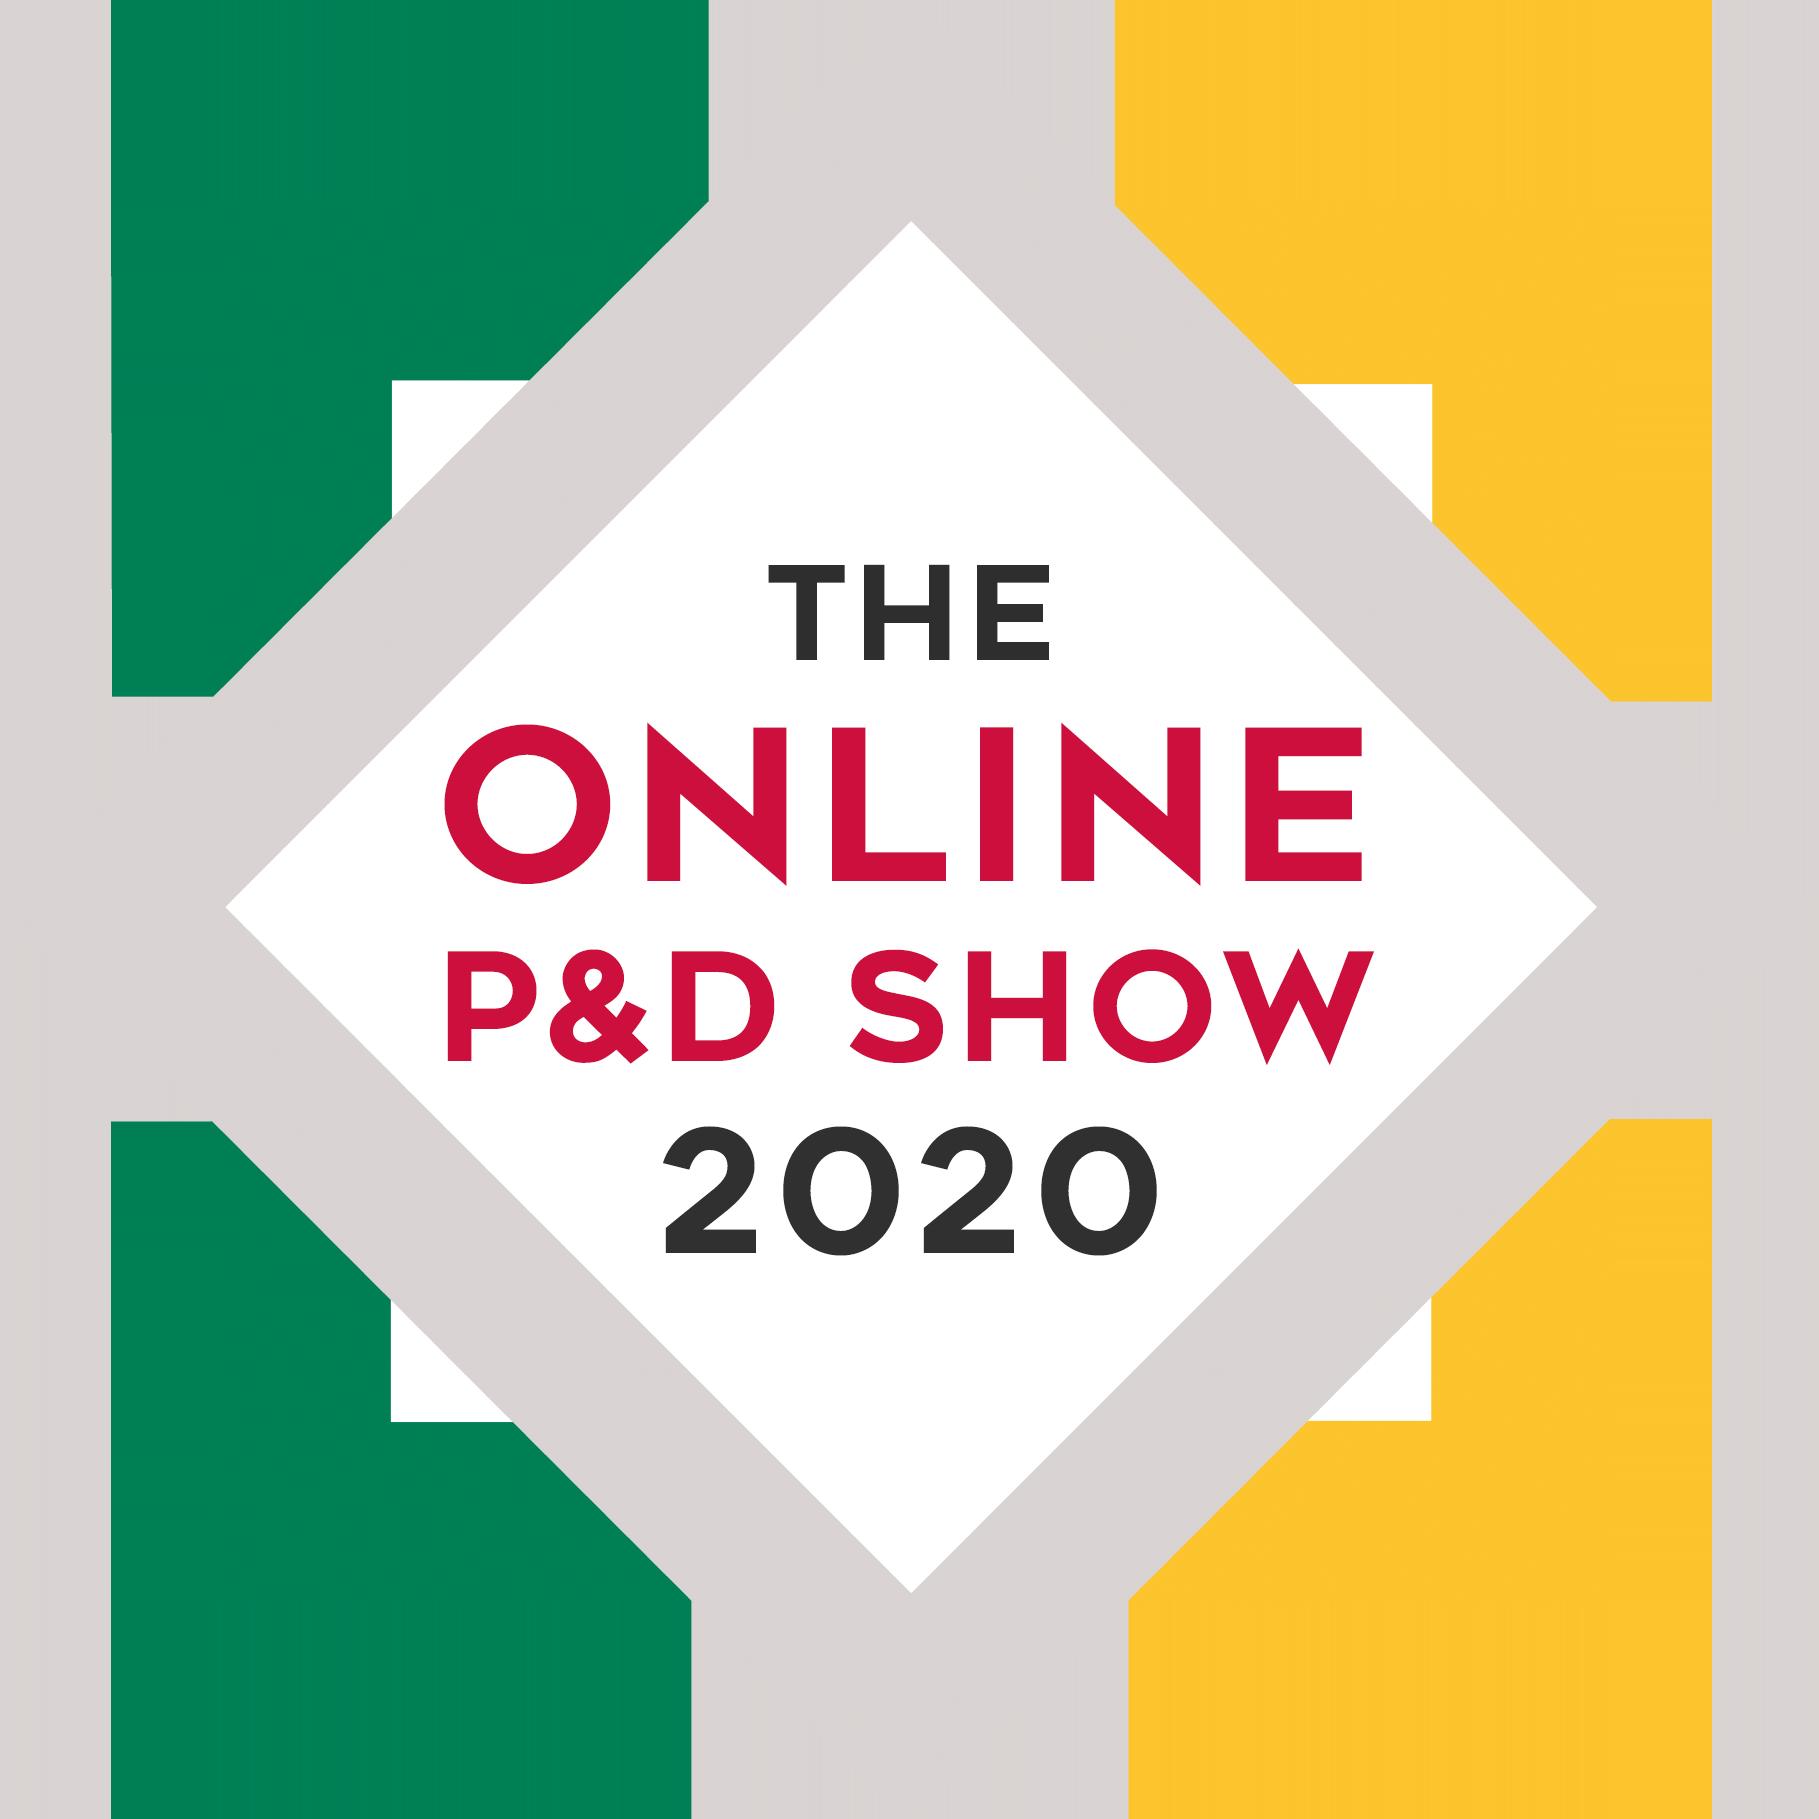 The Online P&D Show